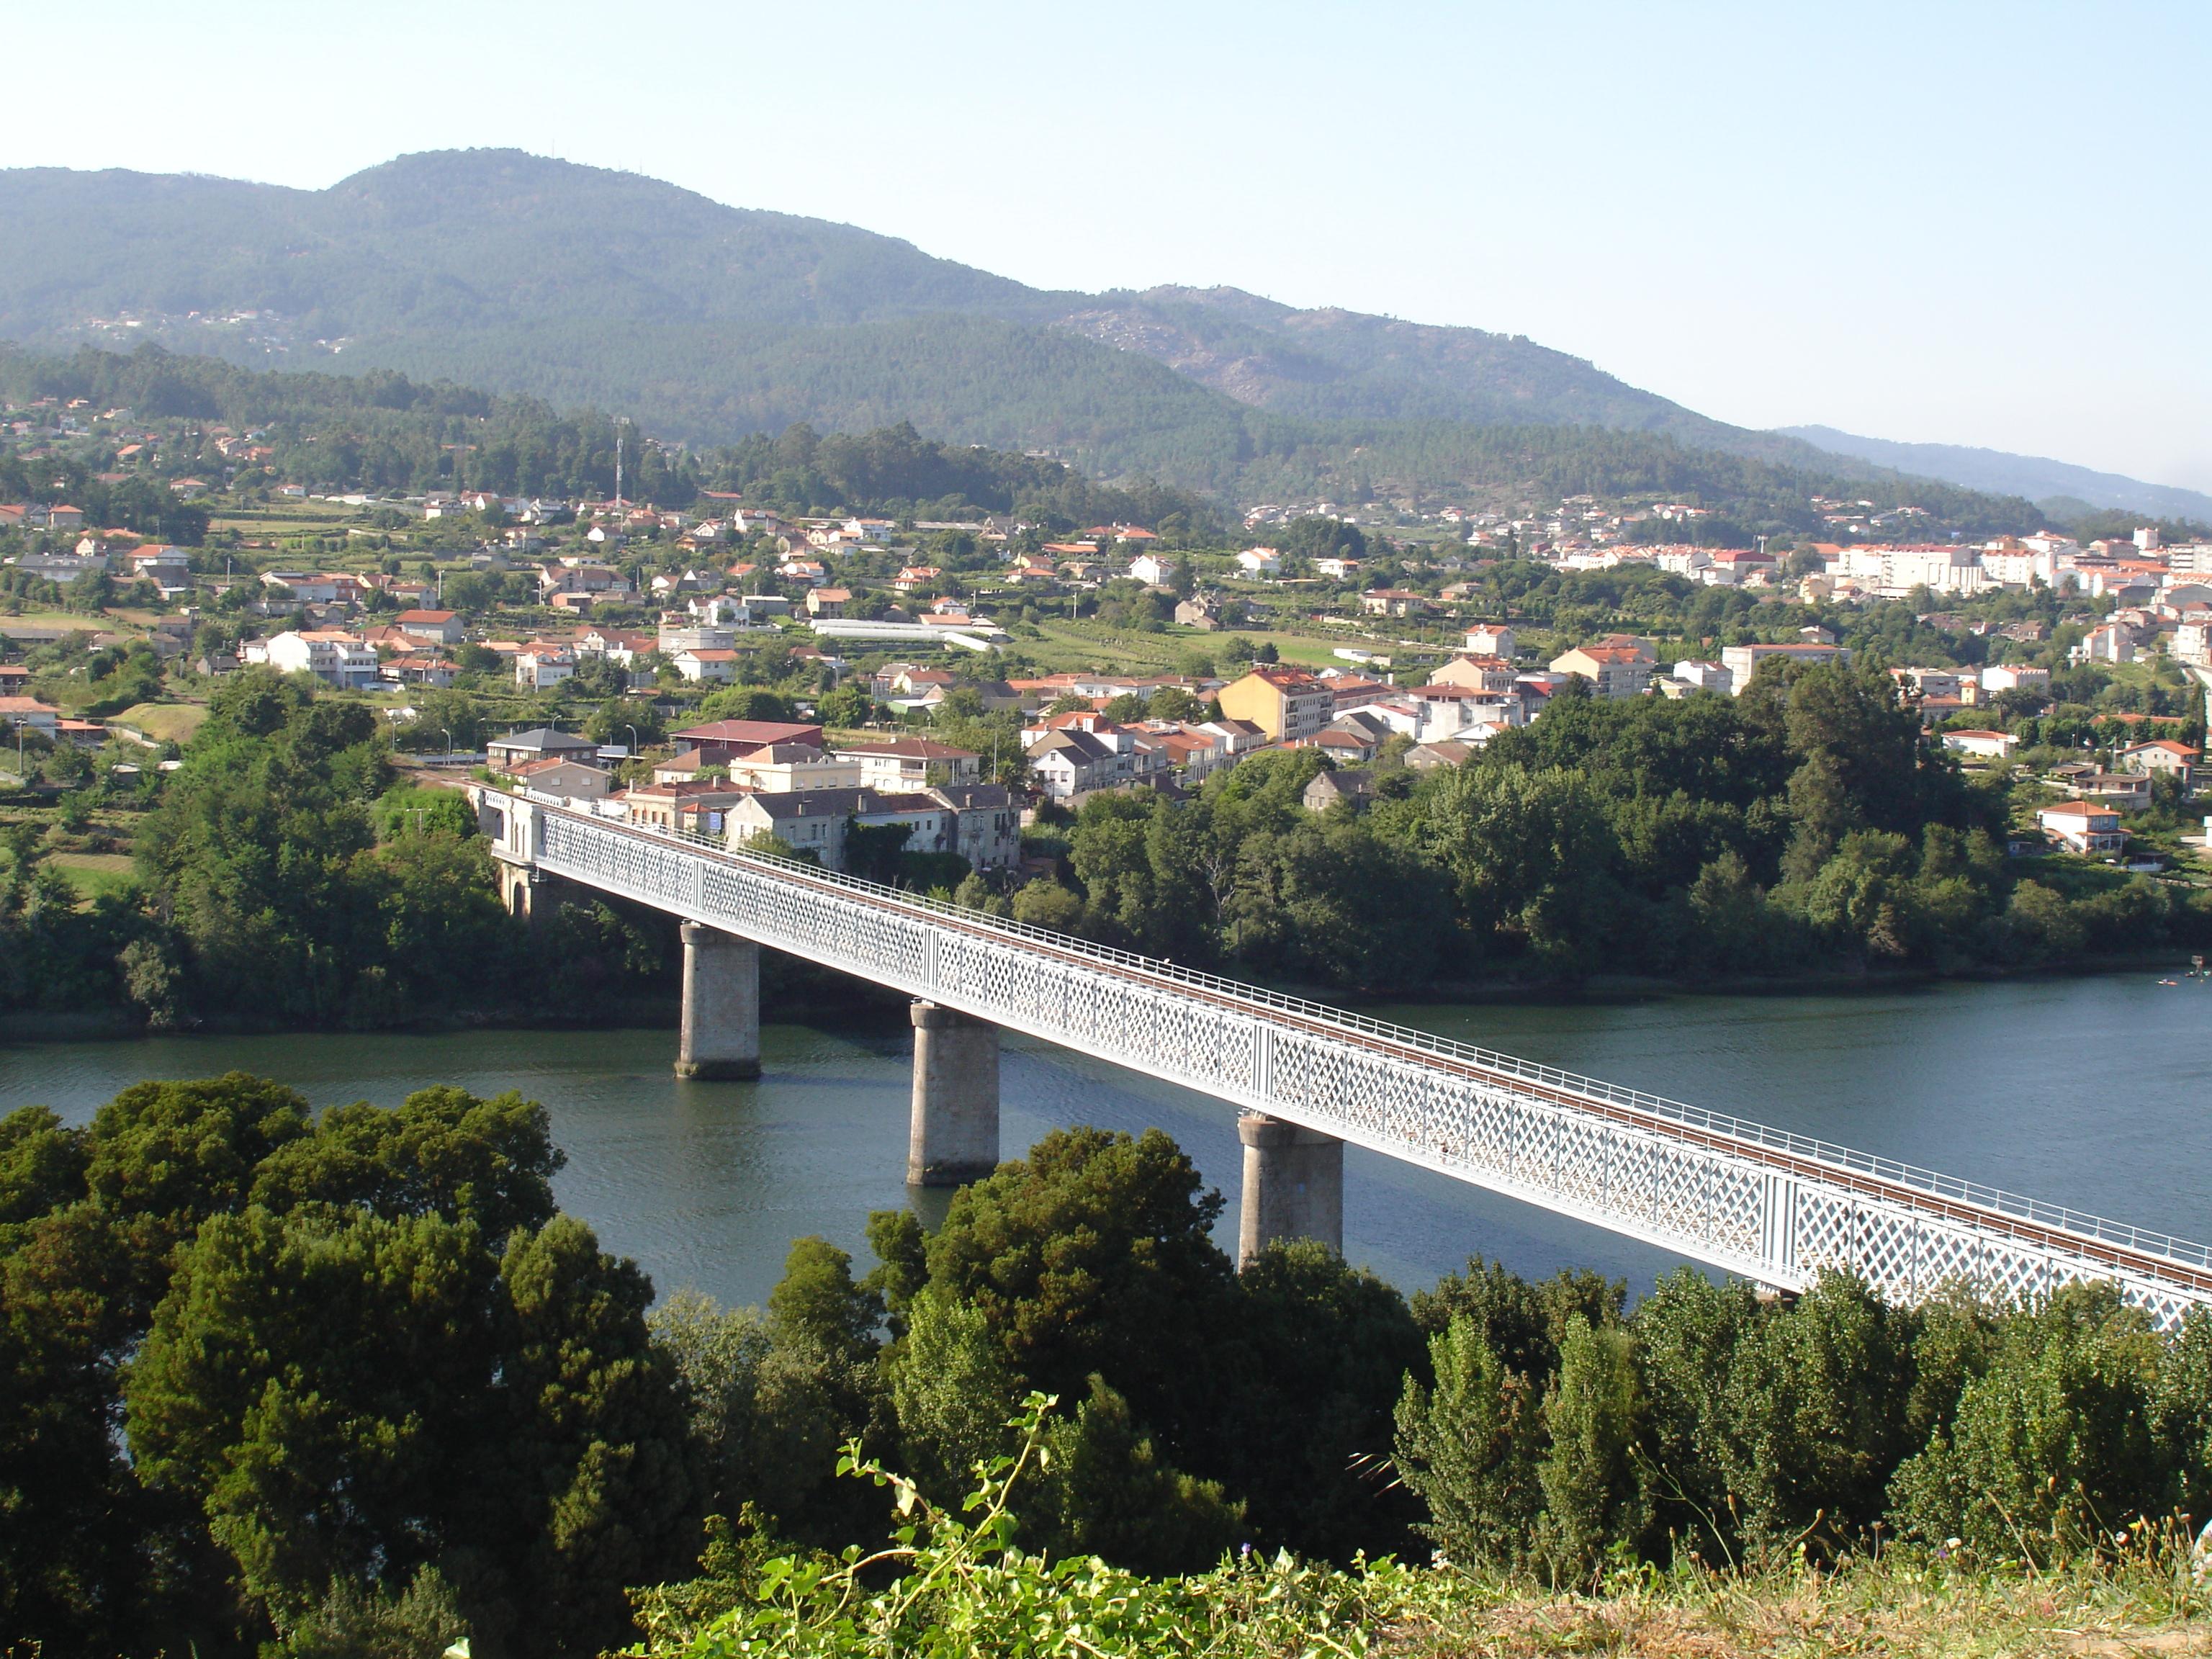 Puente Internacional de Tuy - Wikipedia, la enciclopedia libre